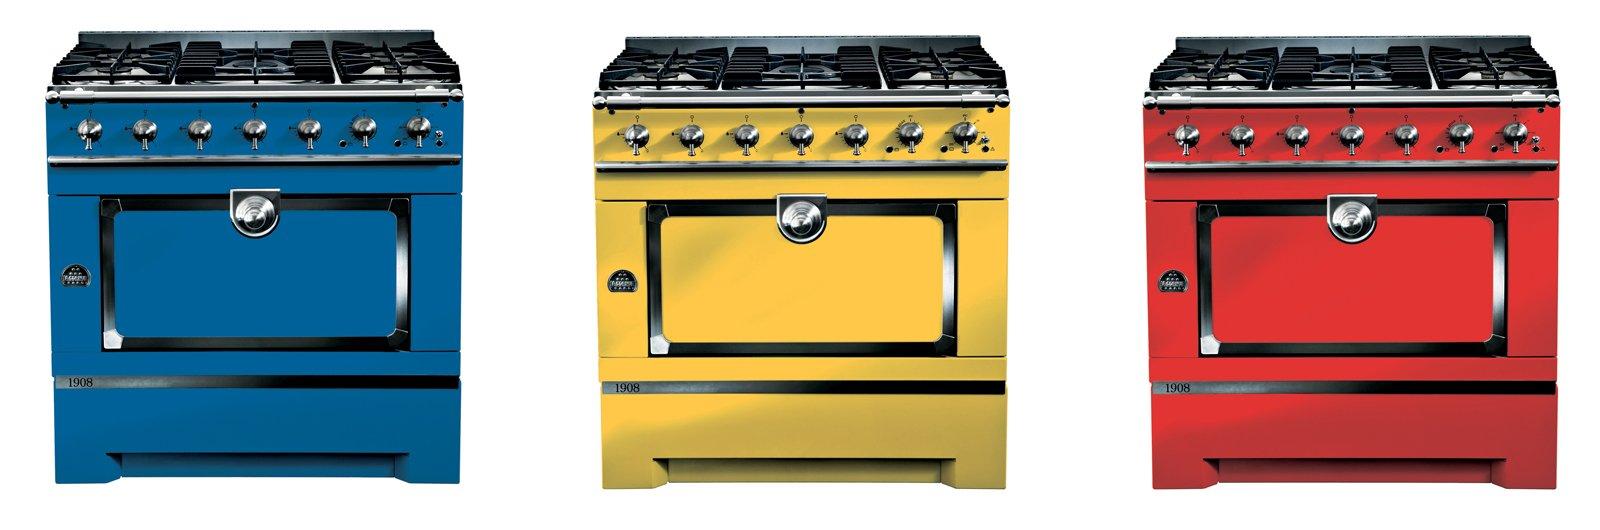 Cucine a gas senza forno idee creative e innovative for Piani di casa senza cantina